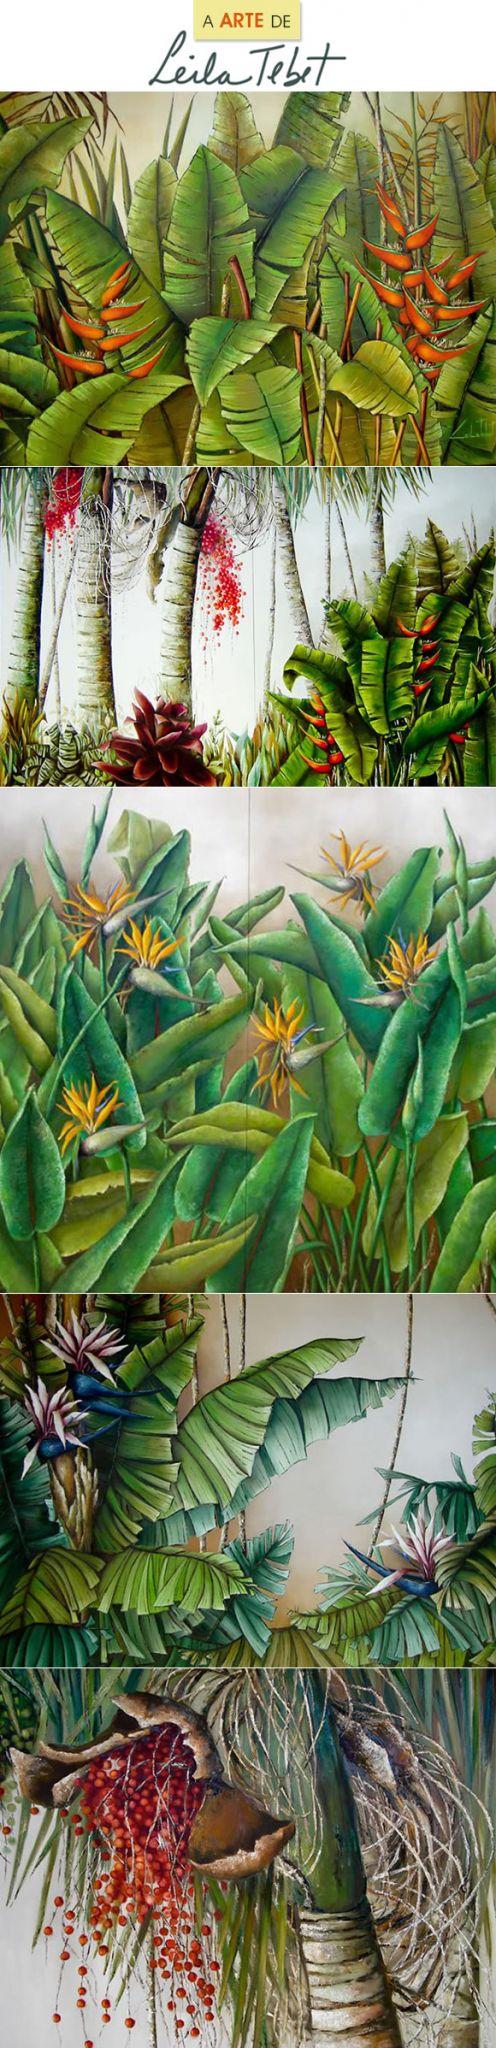 Achados da Bia | Tropicalismo | Arte | Leila Tebet | Tendência